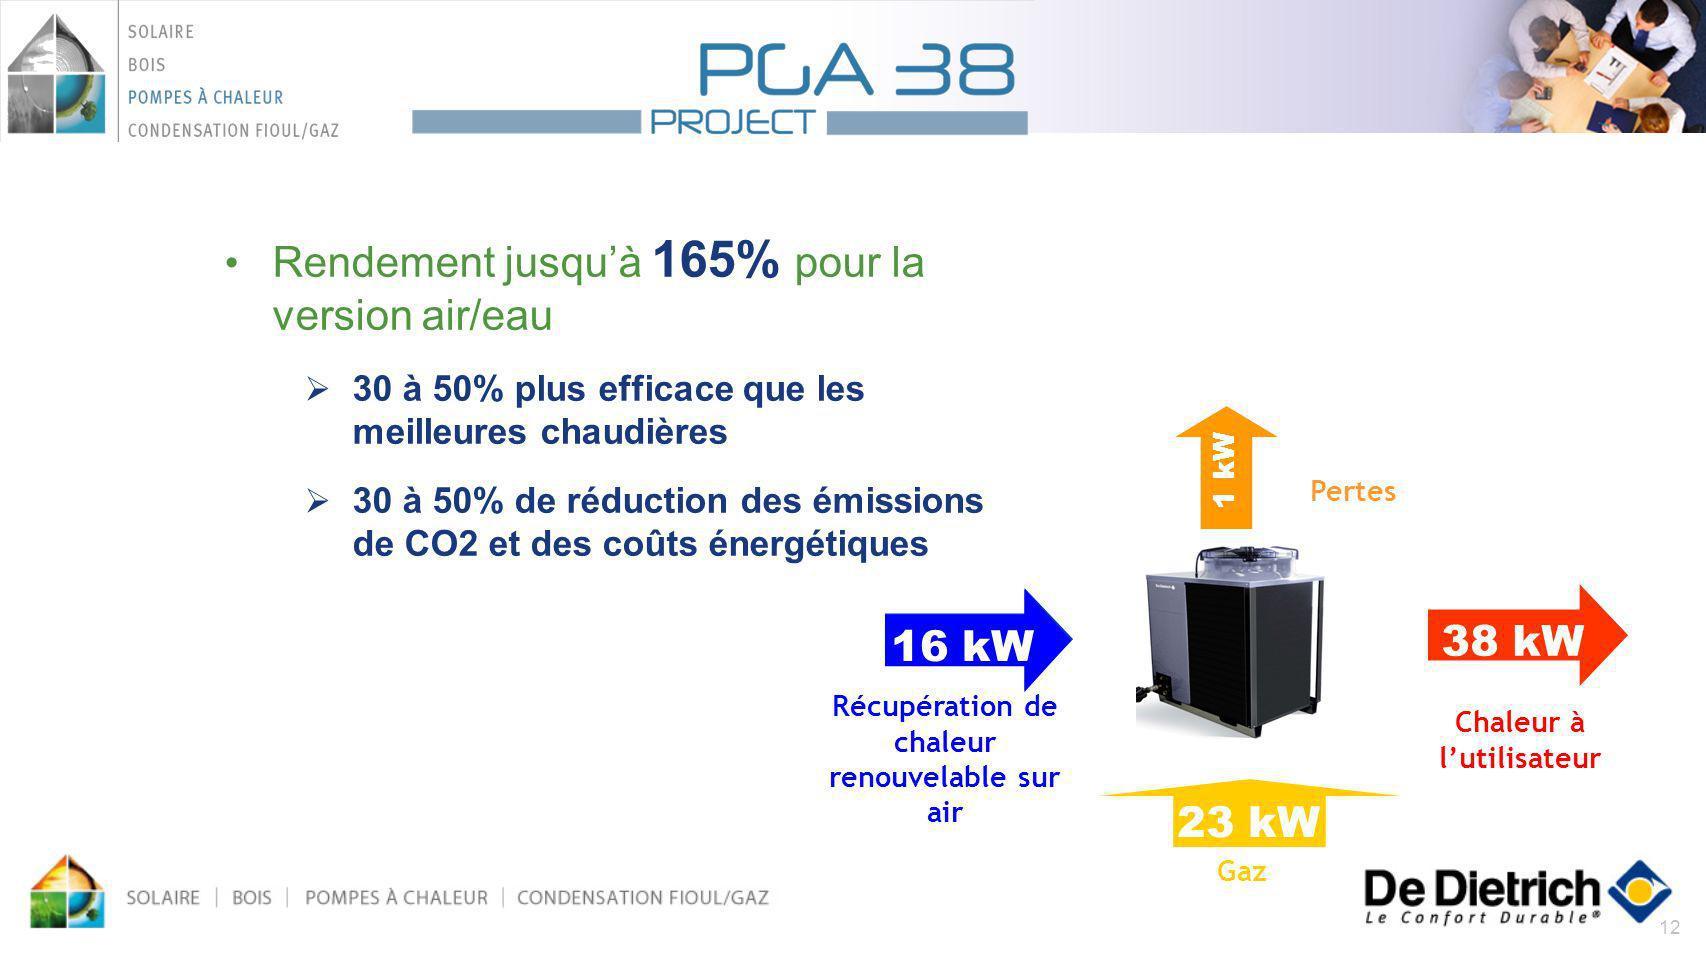 Récupération de chaleur renouvelable sur air Chaleur à l'utilisateur